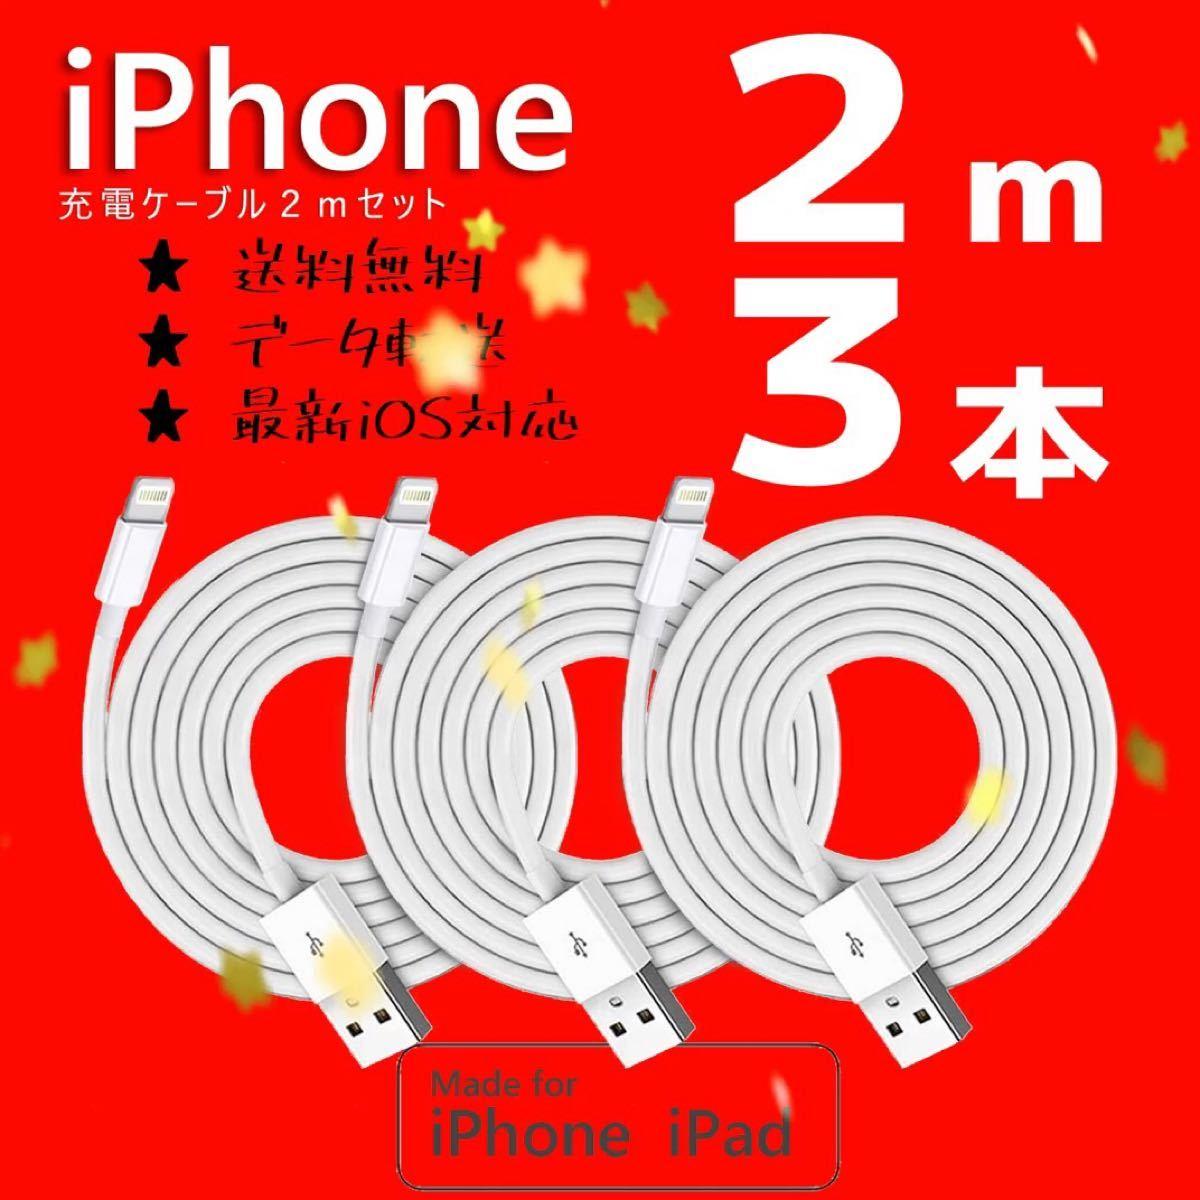 iPhone 充電器 ケーブル lightning cable ライトニングケーブル USB スマホ 電源 コード 2m